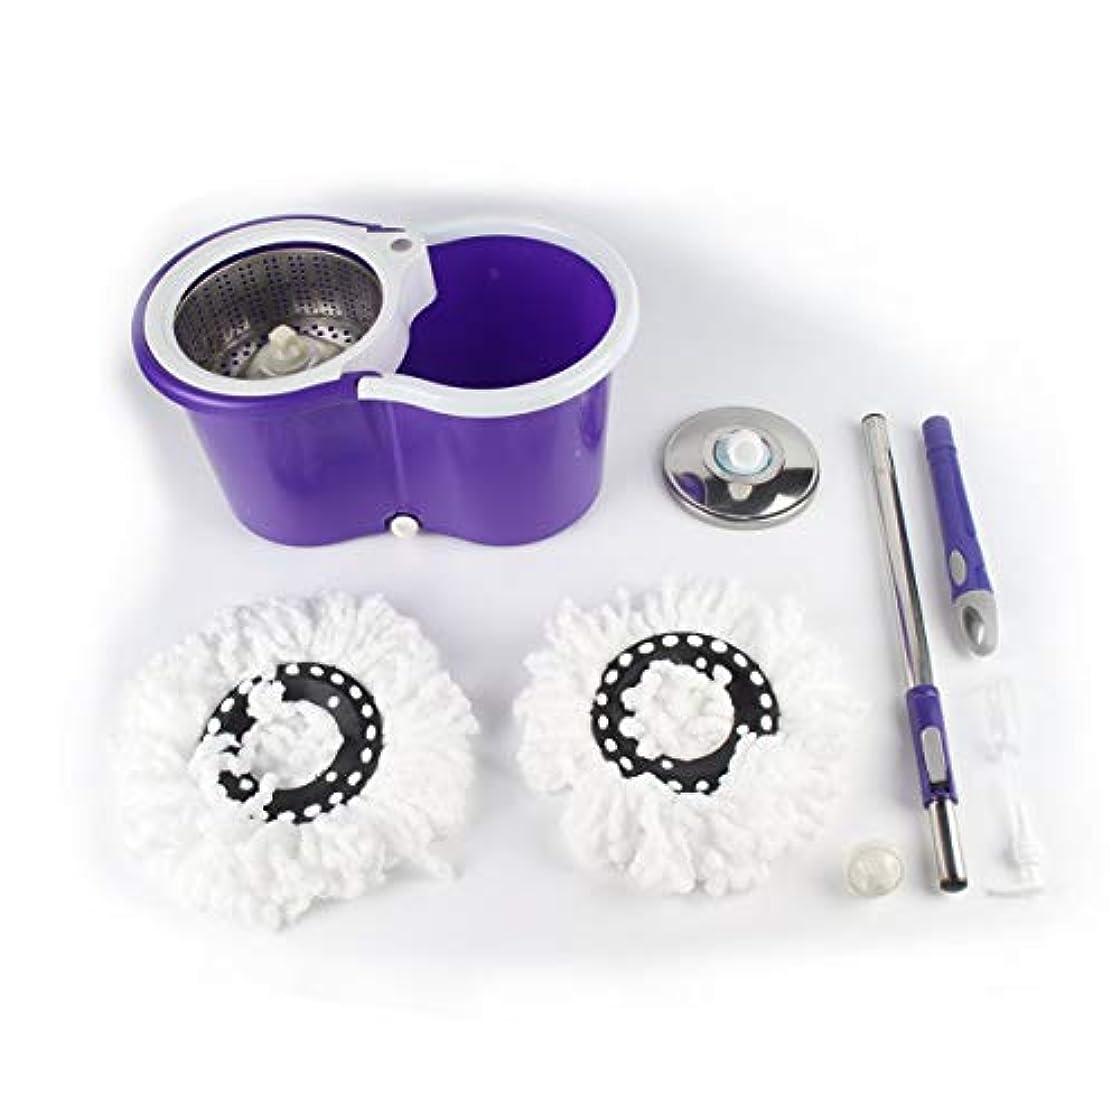 批判的過ち保全Saikogoods 1PC 360度回転 マイクロファイバーモップヘッド キッチン浴室クリーニング マジックモップ ヘッド交換をスピニング マジックモップ 紫の